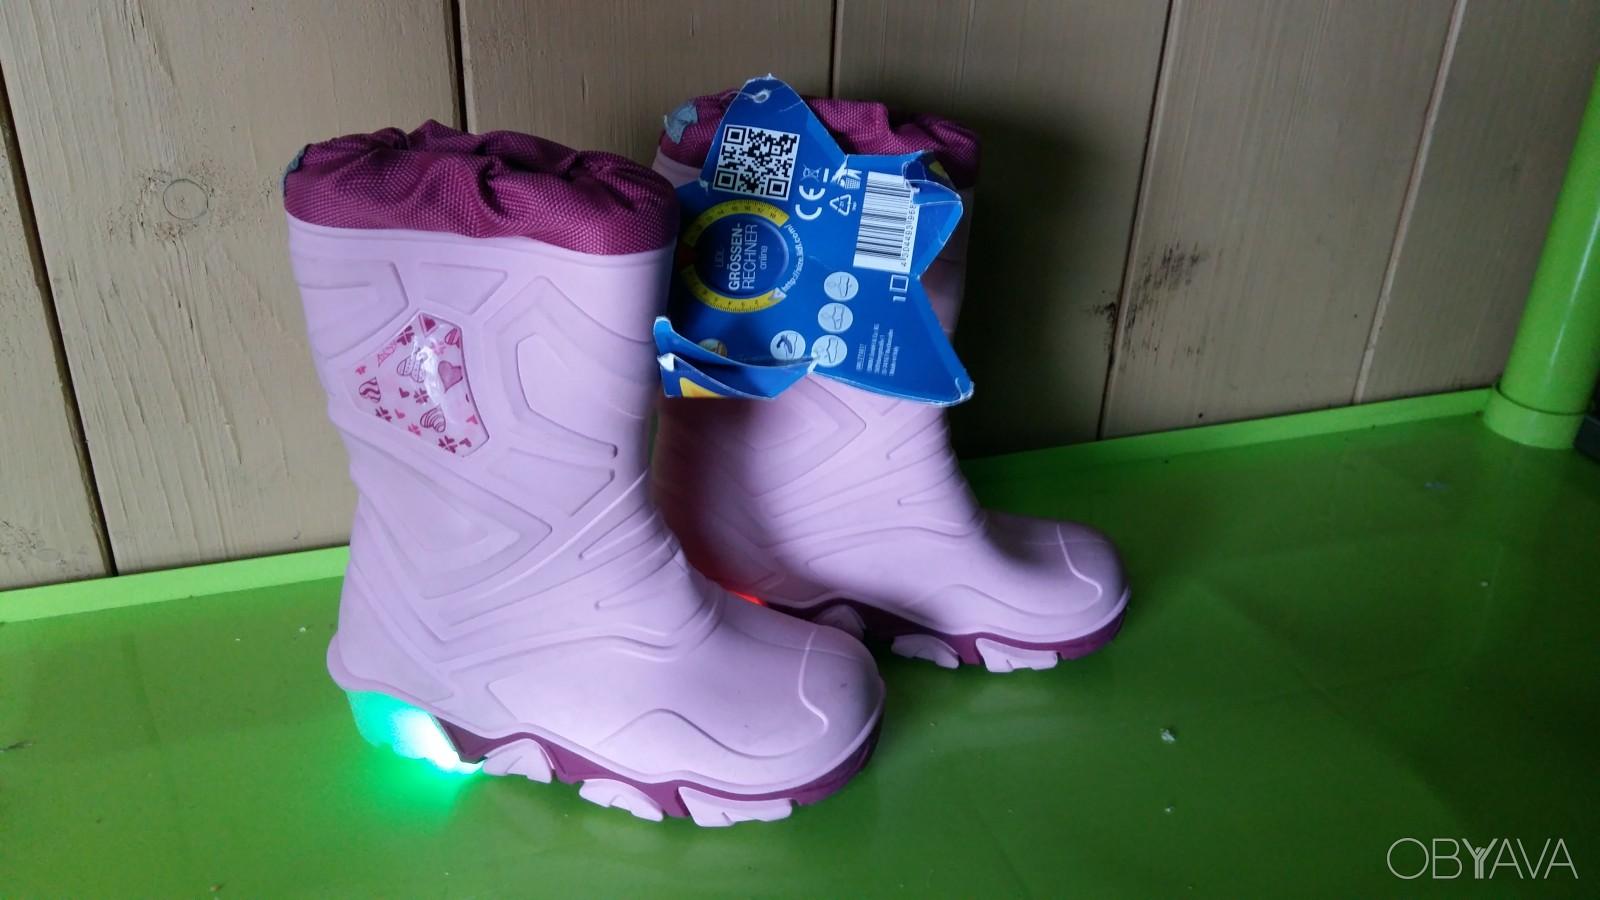 Детские резиновые сапоги Львов – купить резиновые сапоги для детей ... 0d1fb9f3d75b1